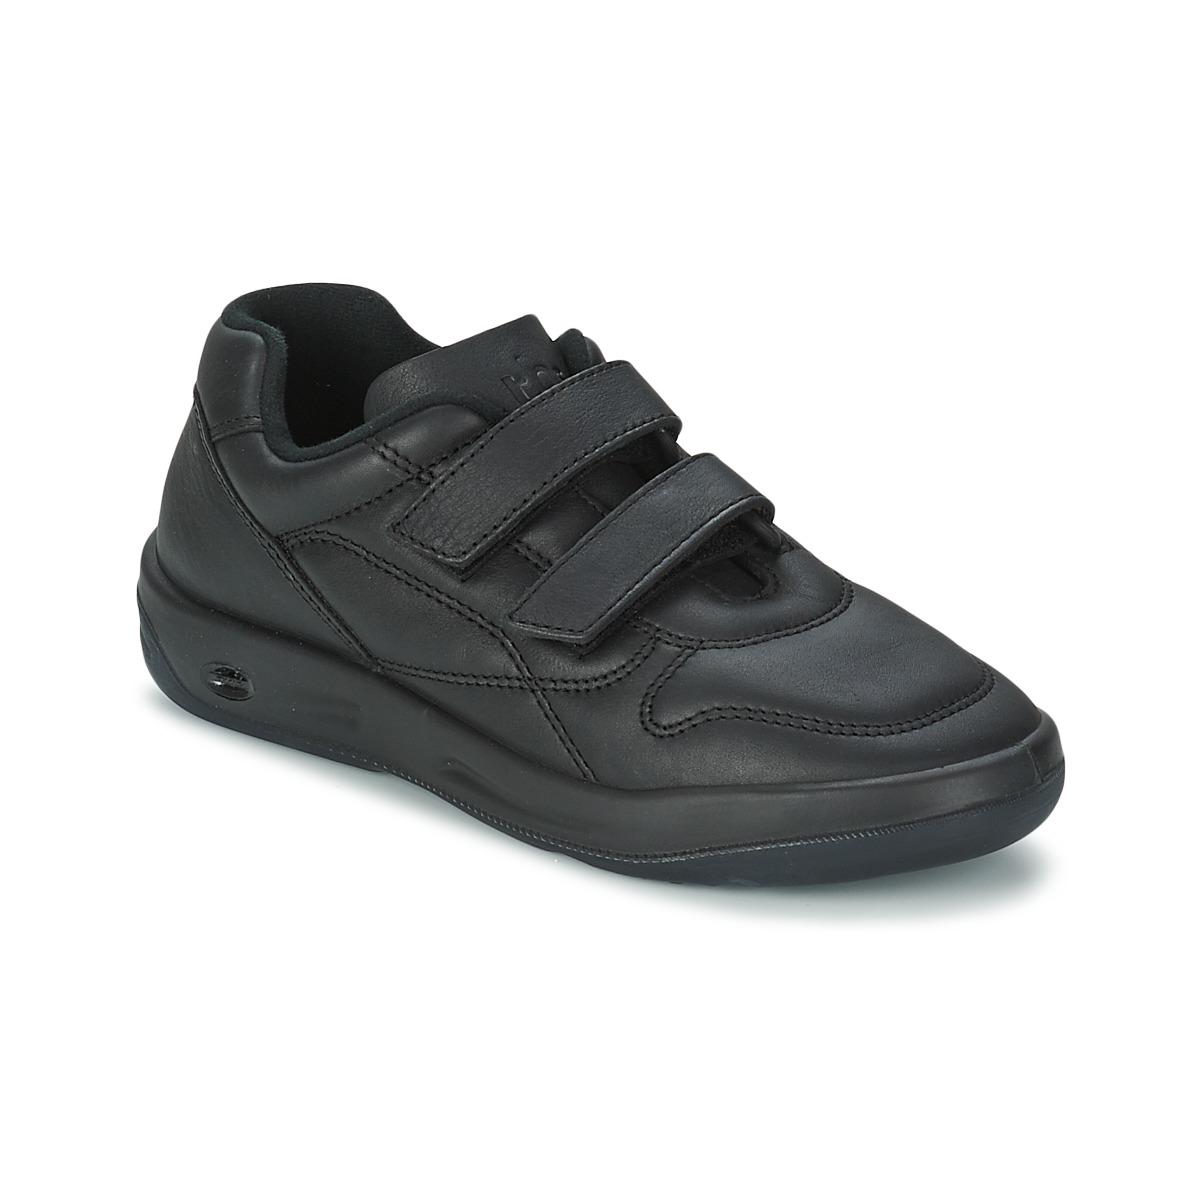 54b0aa2d53d2d TBS ARCHER Noir - Chaussures Baskets basses Homme 115,00 €